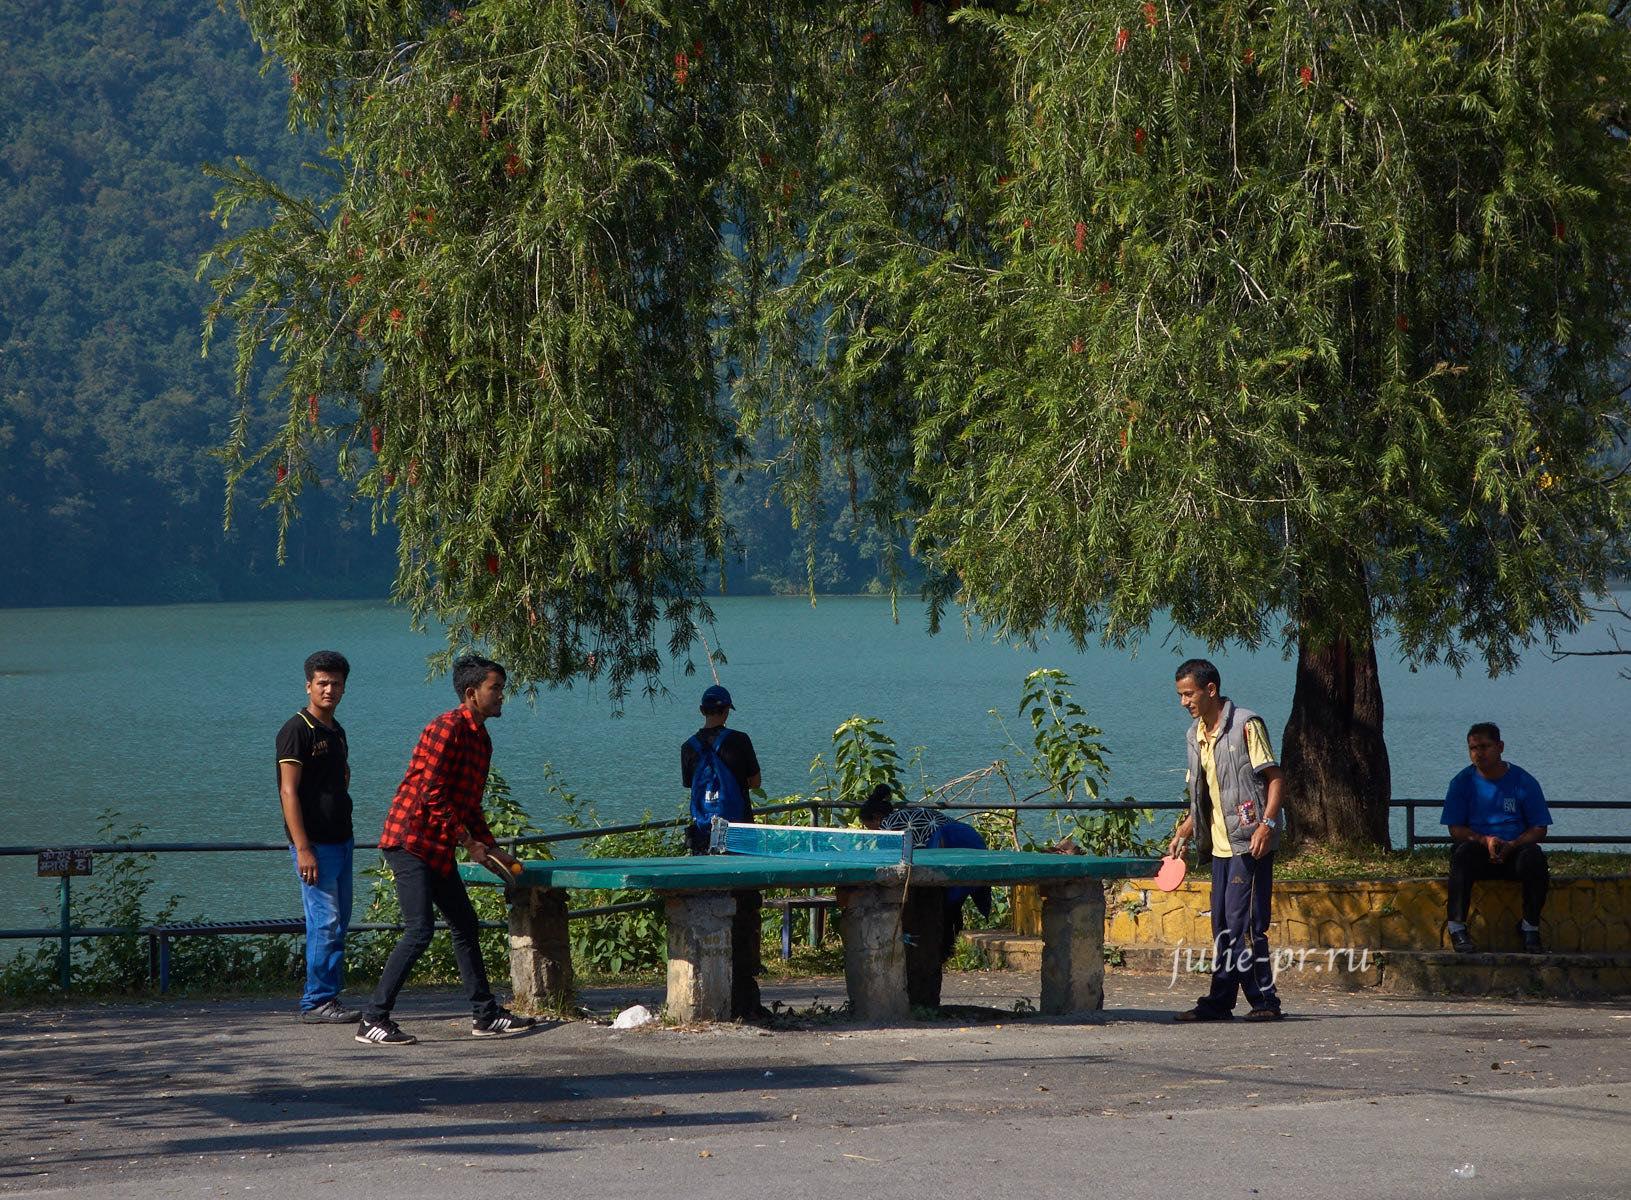 Непал, Покхара, Непальцы, Теннис